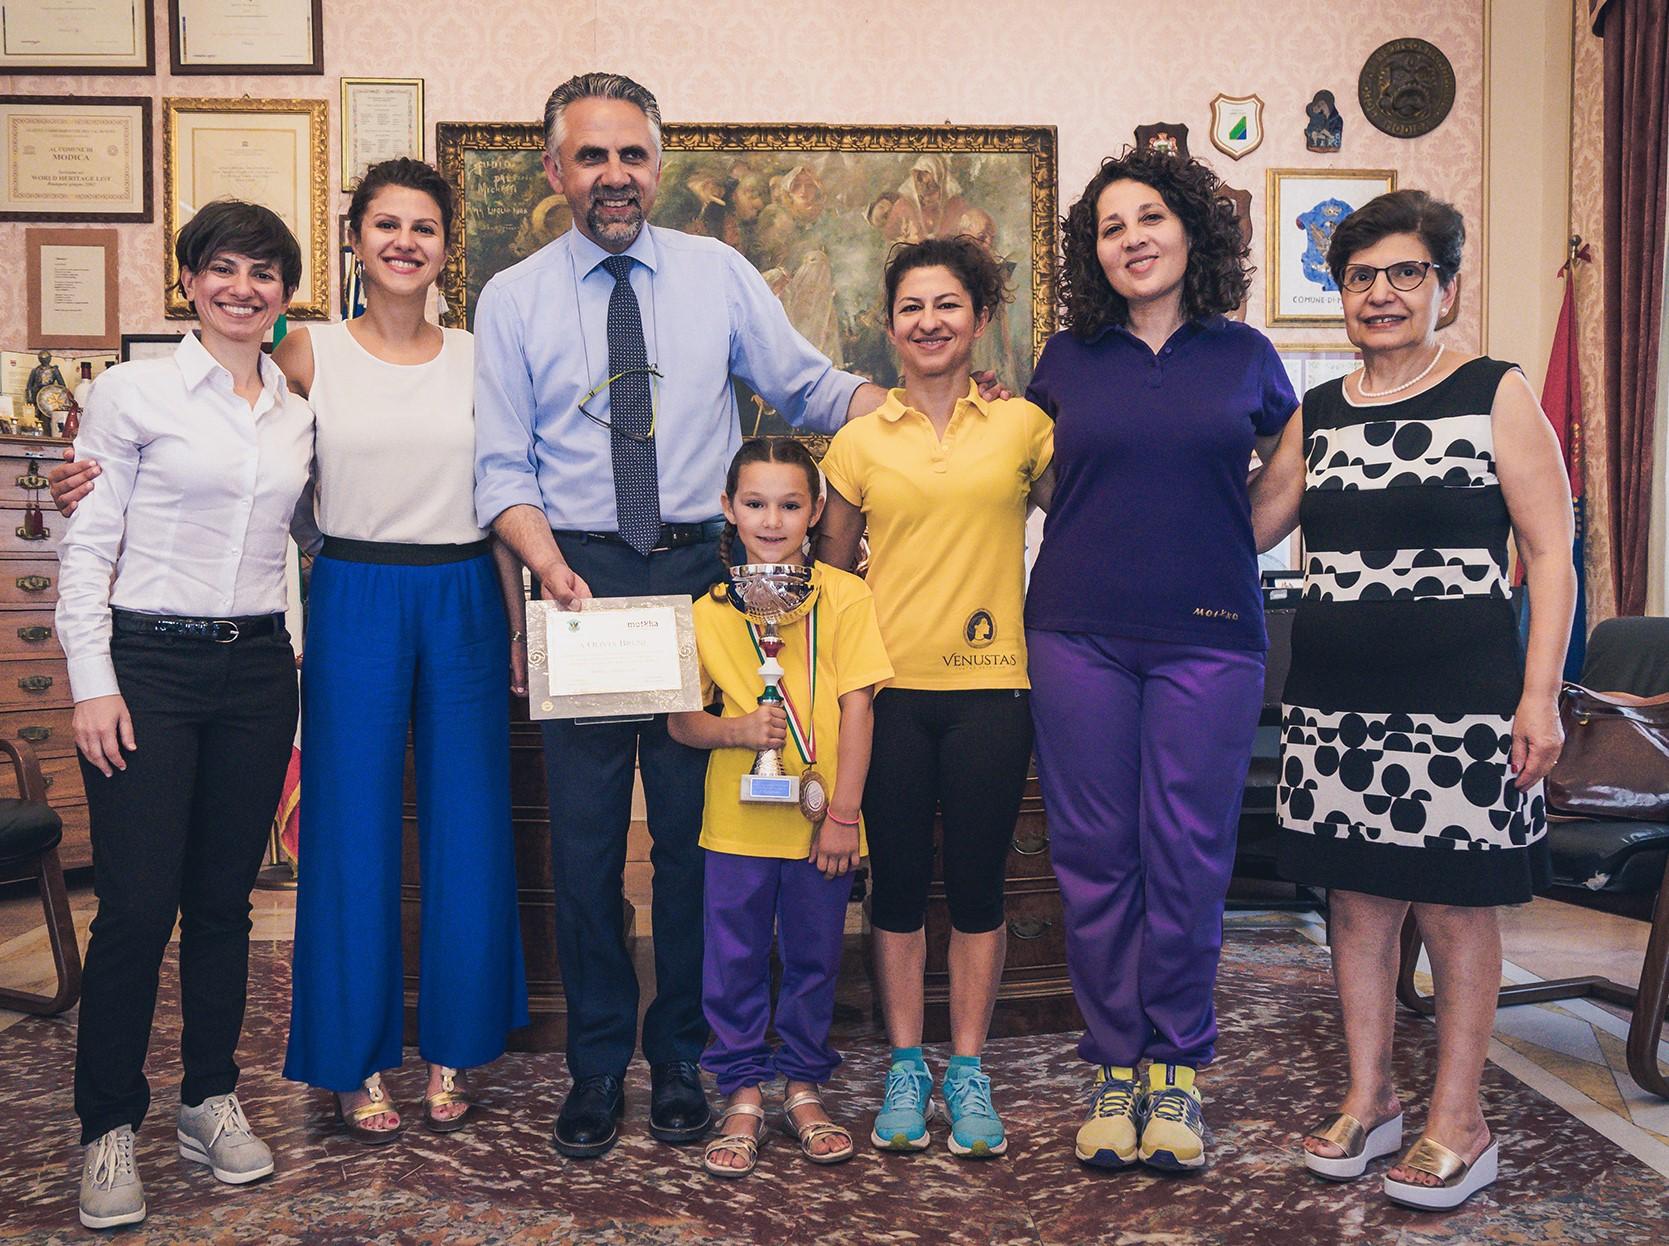 Modica, ginnastica artistica: premiata la campionessa italiana Olivia Bruni